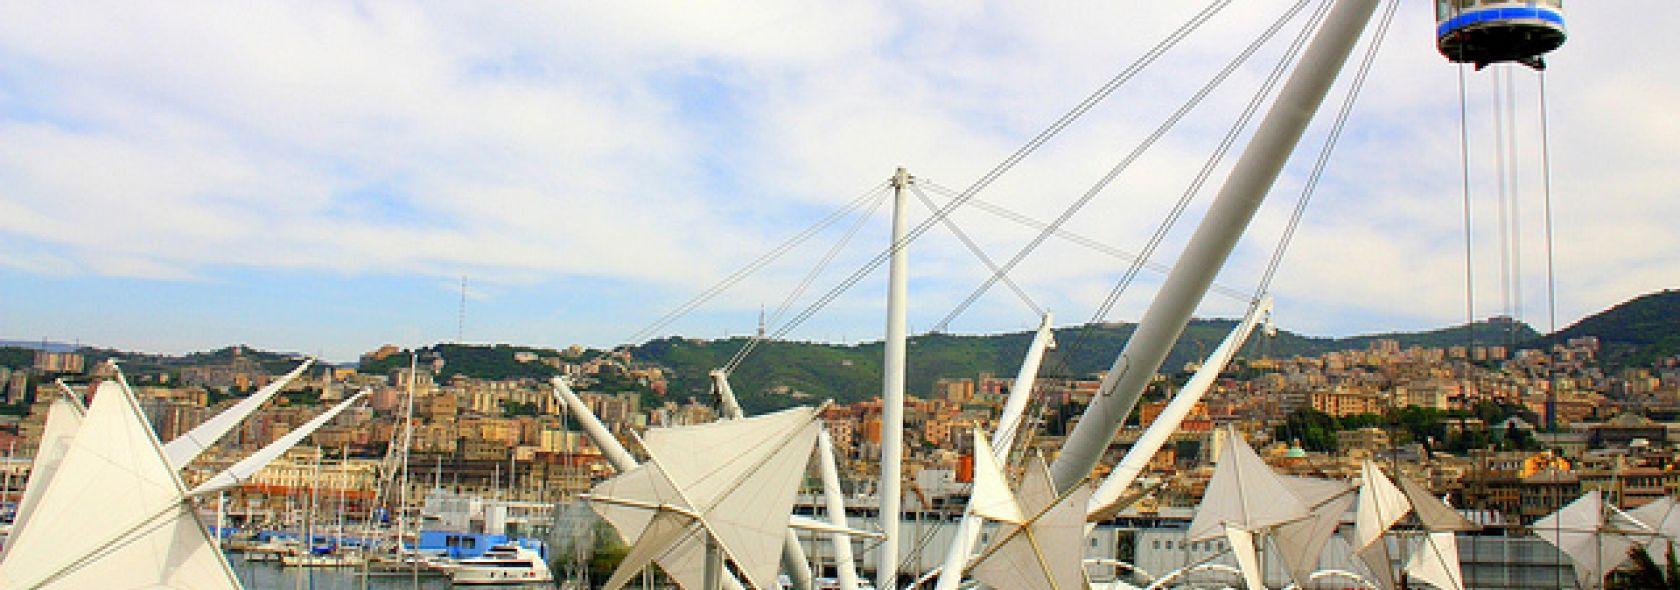 """Itinerario Quattro """"piccoli"""" passi a Genova - Bigo - Giordano - ©genovacittadigi"""